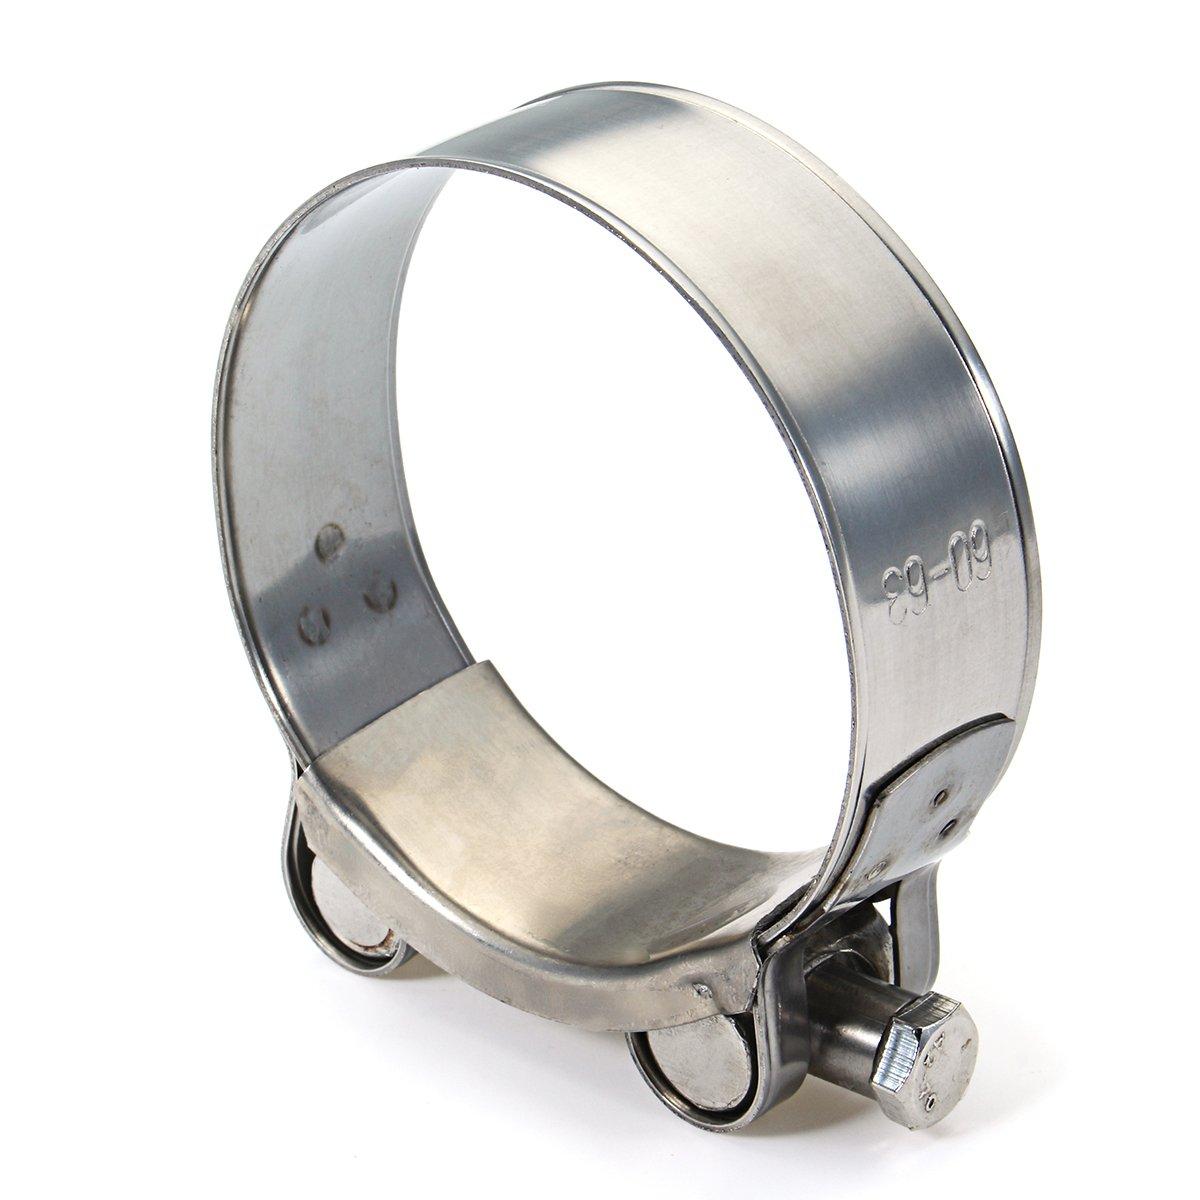 Wooya Universal 36 Mm De 60mm De Acero Inoxidable Genuino Banda De Escape Kit De Abrazadera De La Motocicleta Fit Silenciador Sile-01#